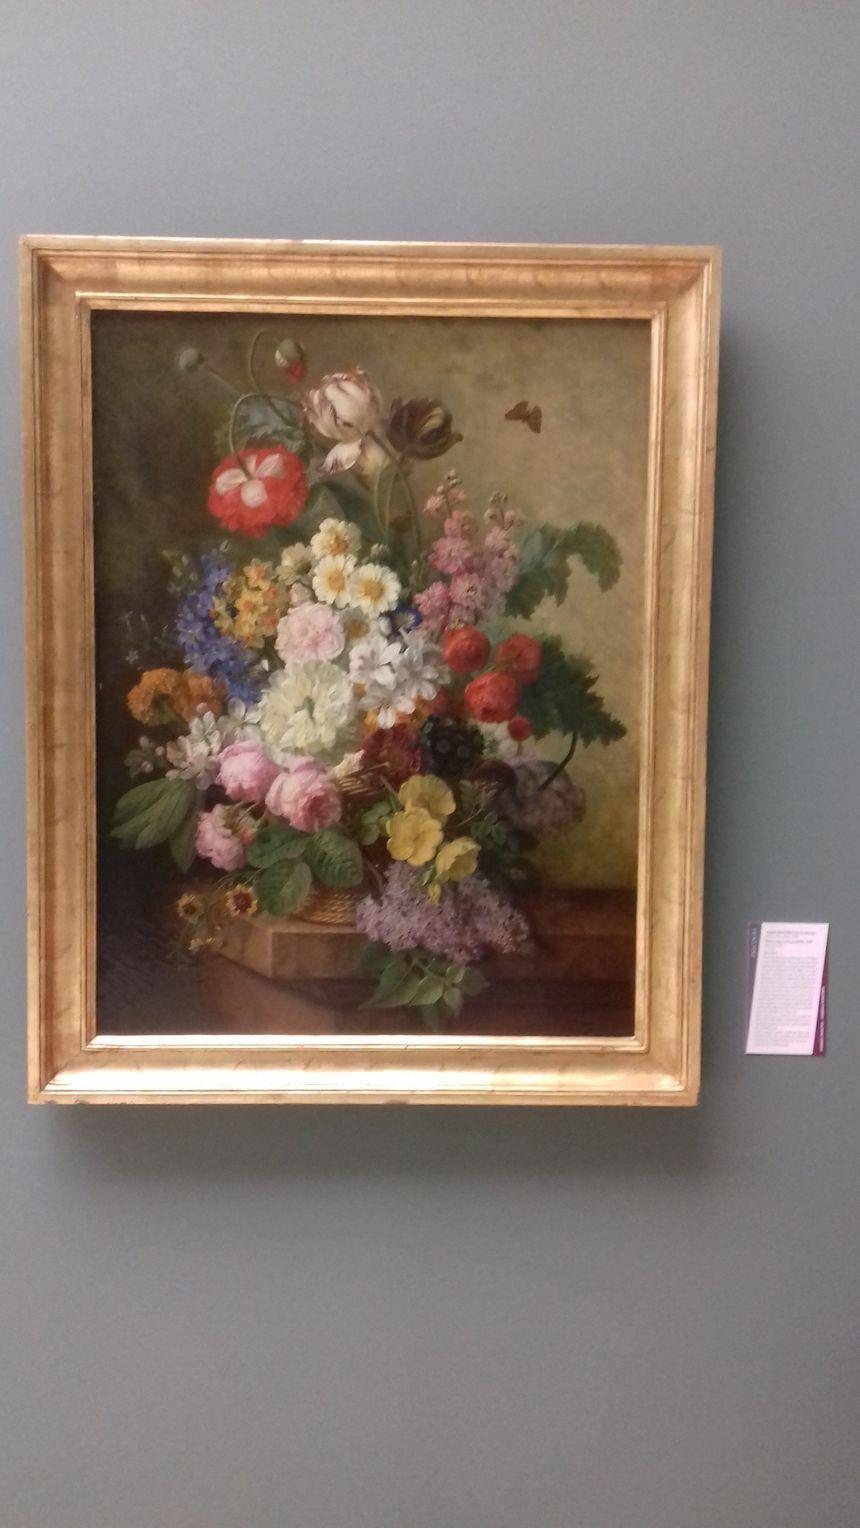 Les femmes étaient souvent cantonnées au genre du portrait ou de la nature morte - Elise Bruyère née Le Barbier, Fleurs dans une corbeille (1833)